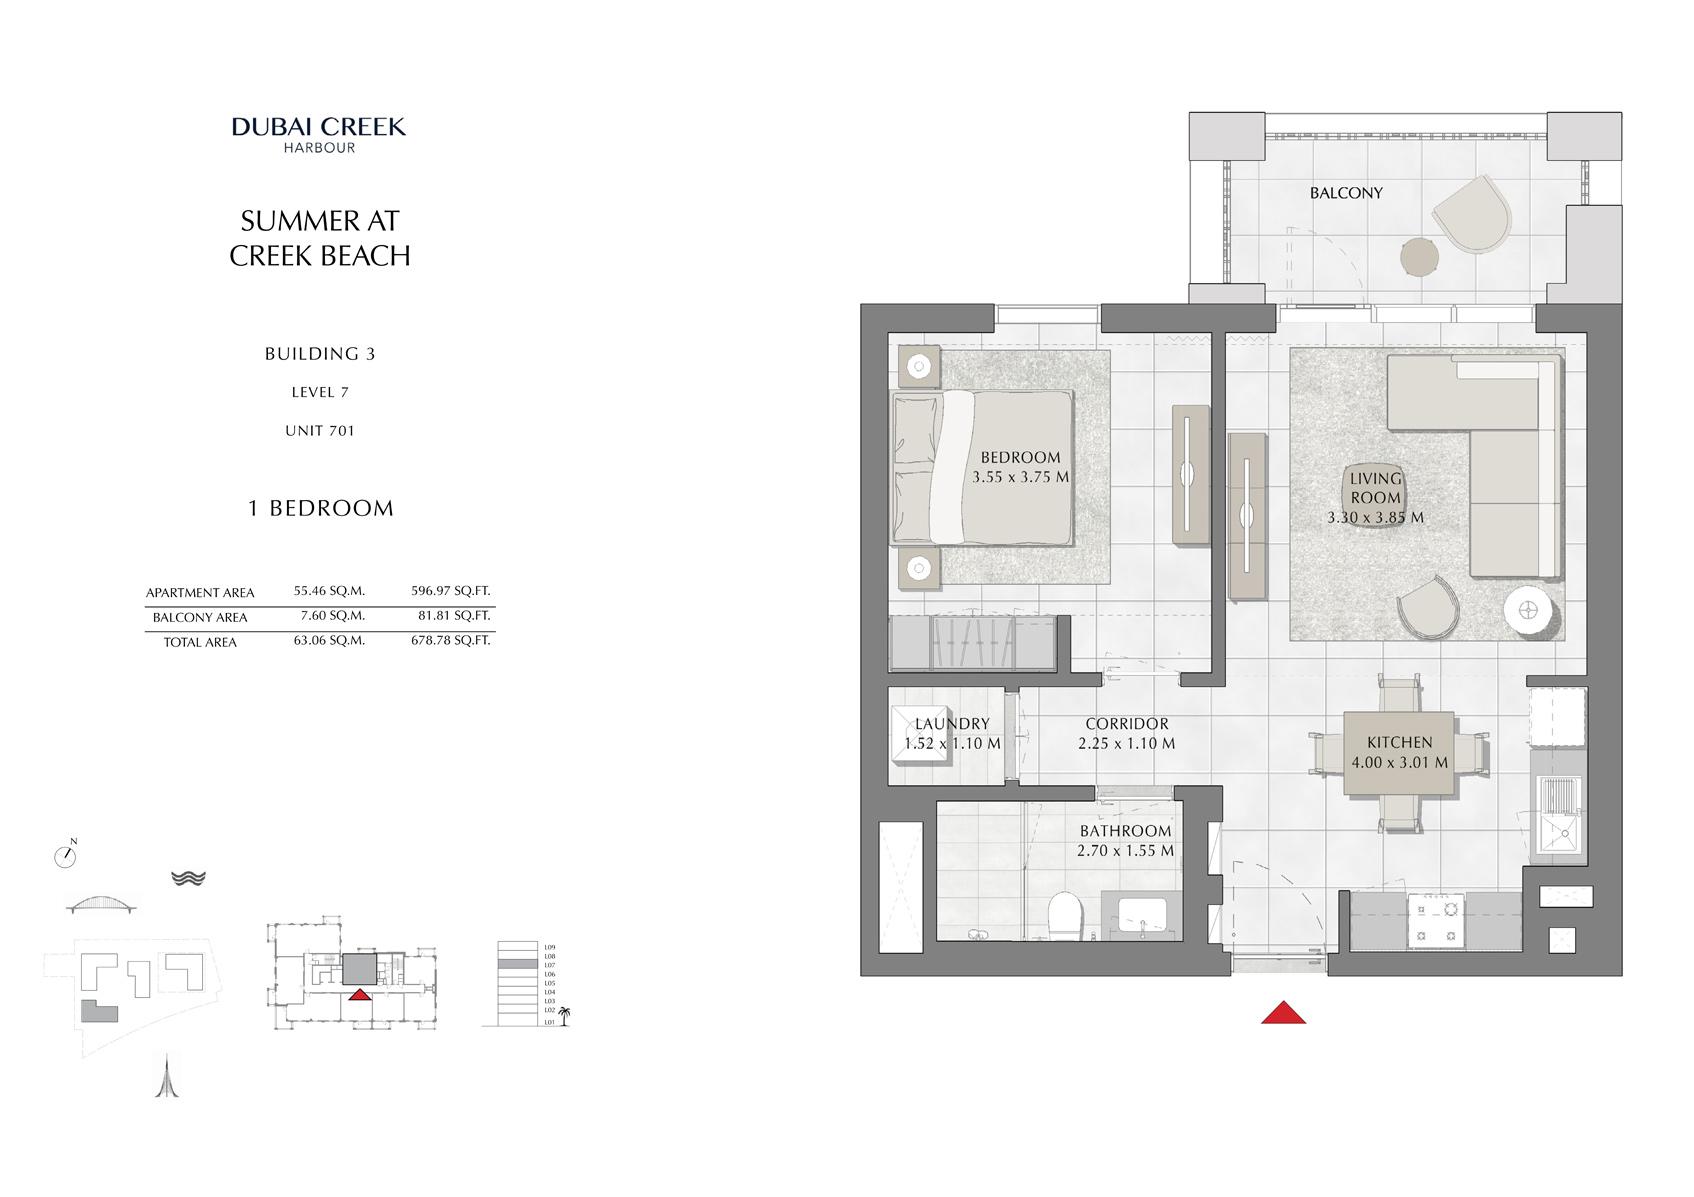 1 Br Building 3 Level 7 Unit 701, Size 678 Sq Ft